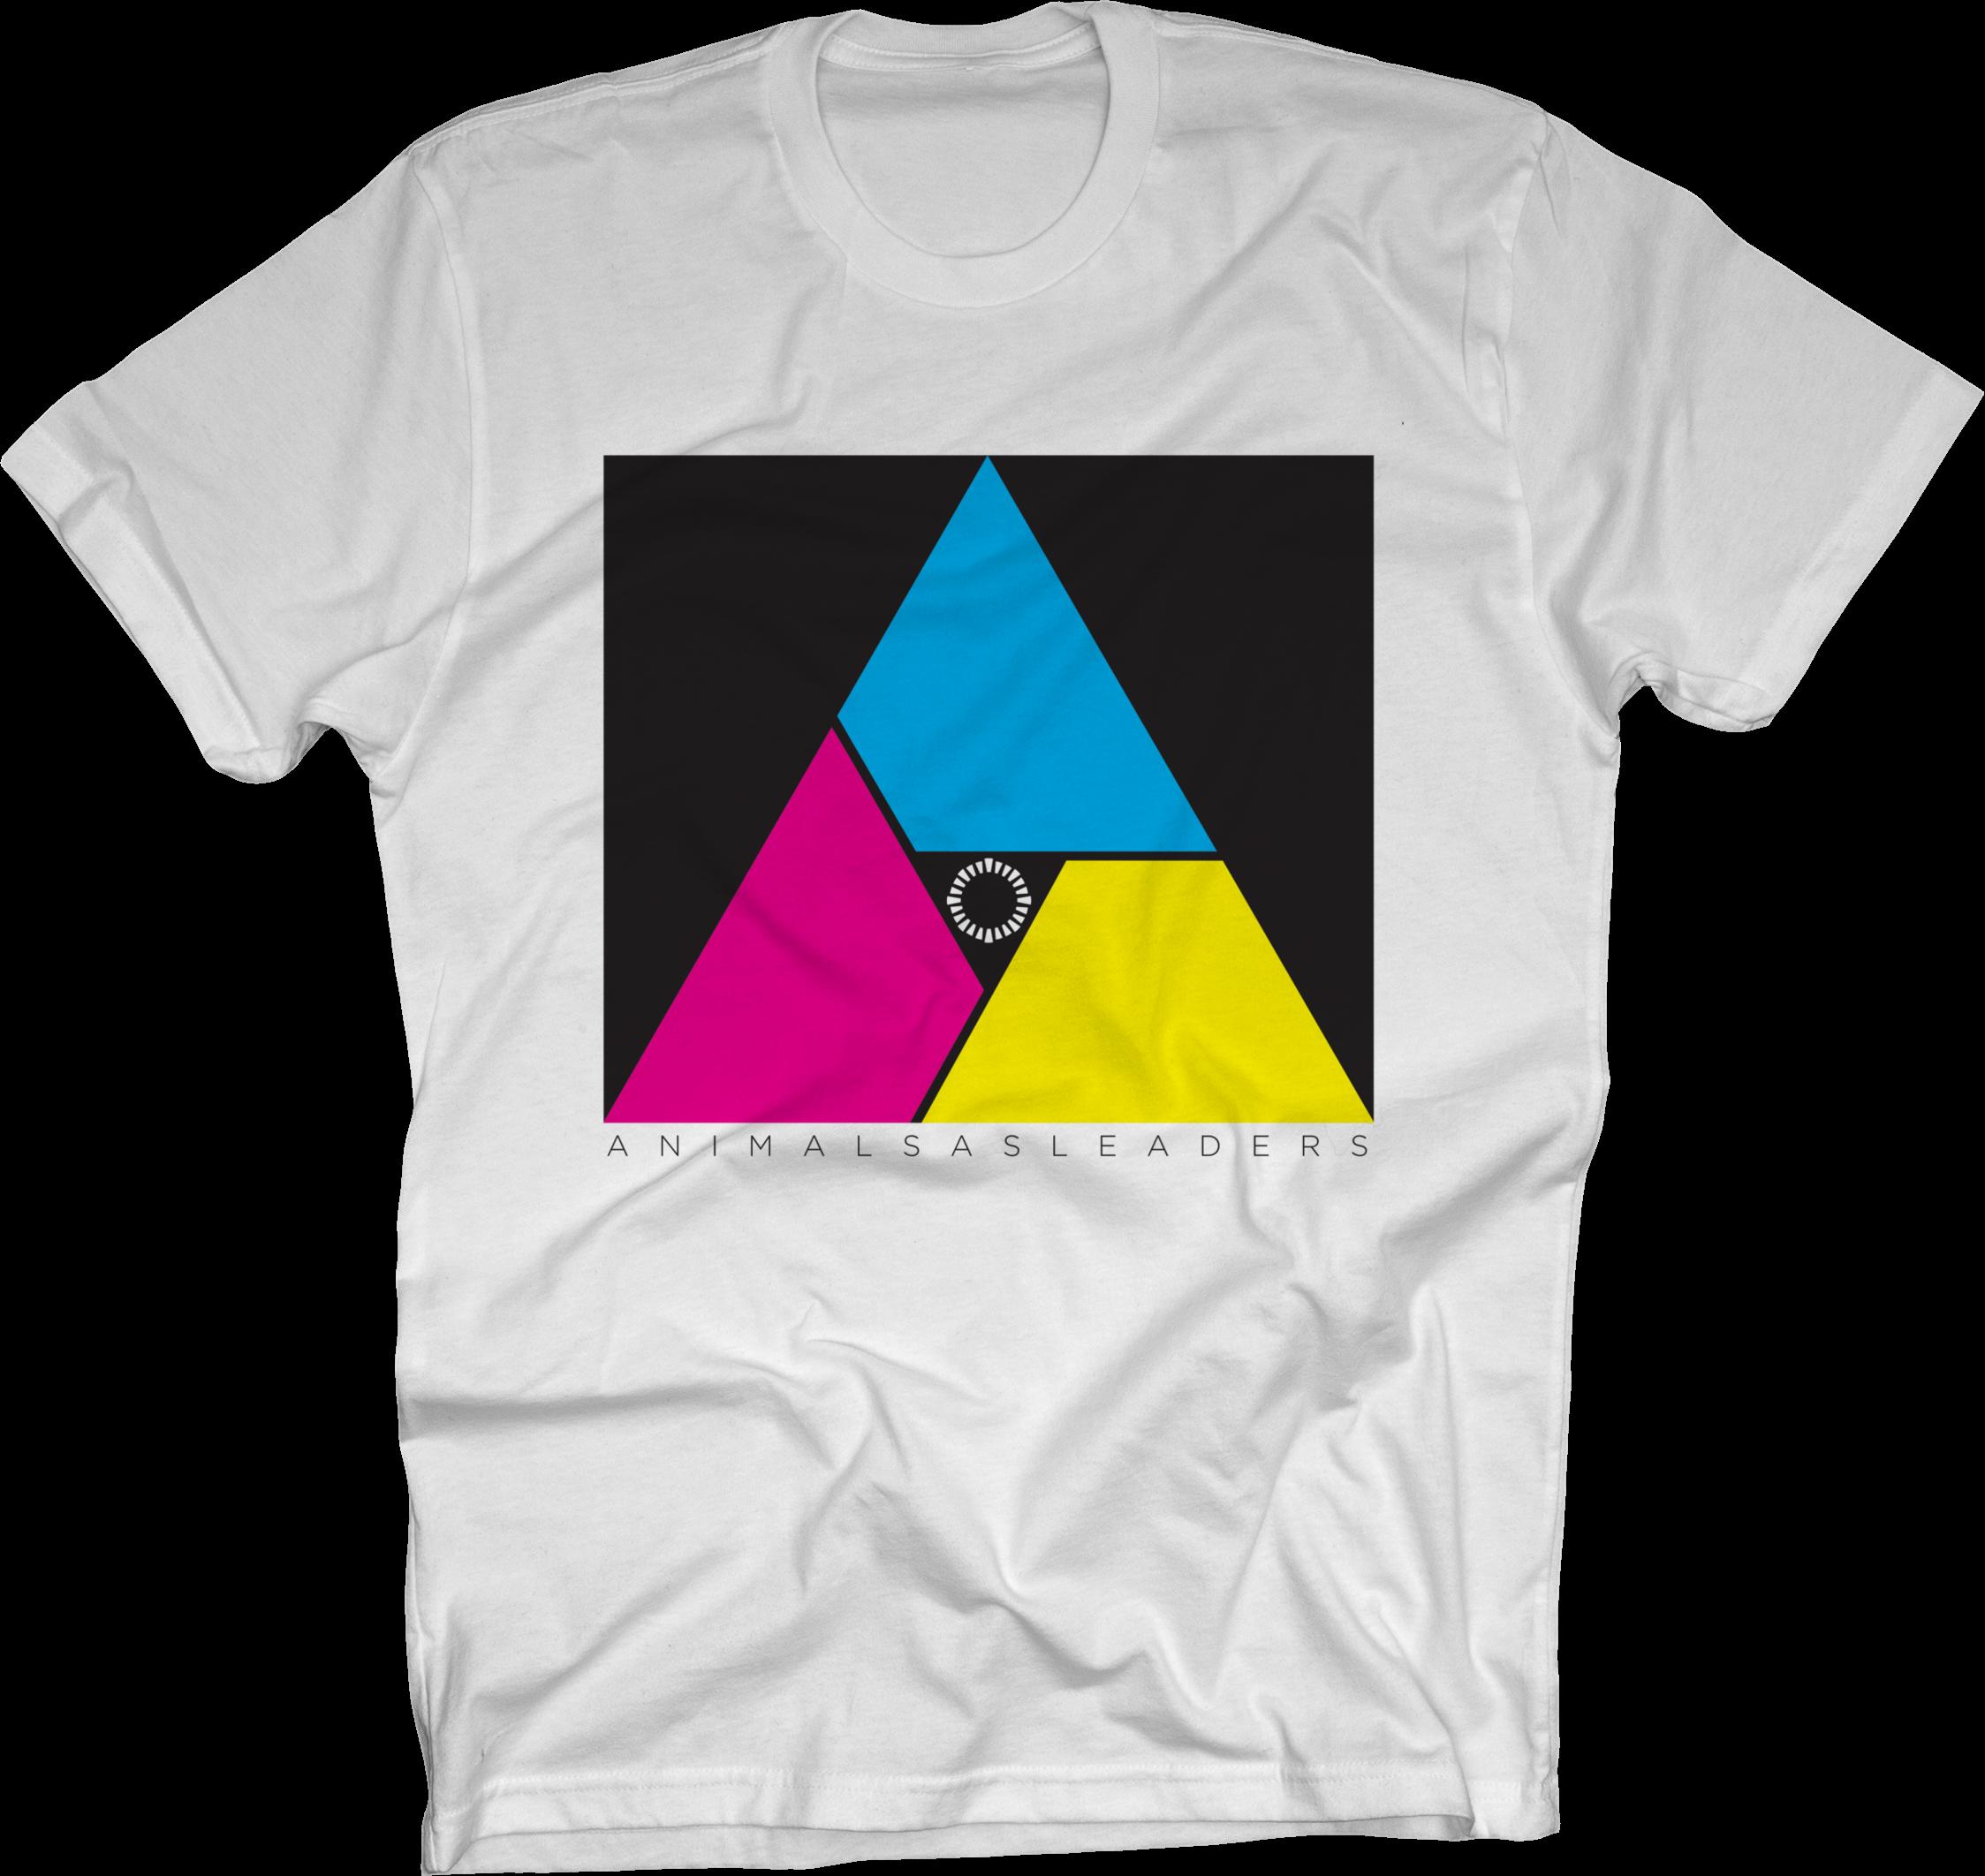 Multicolor Triangle on White